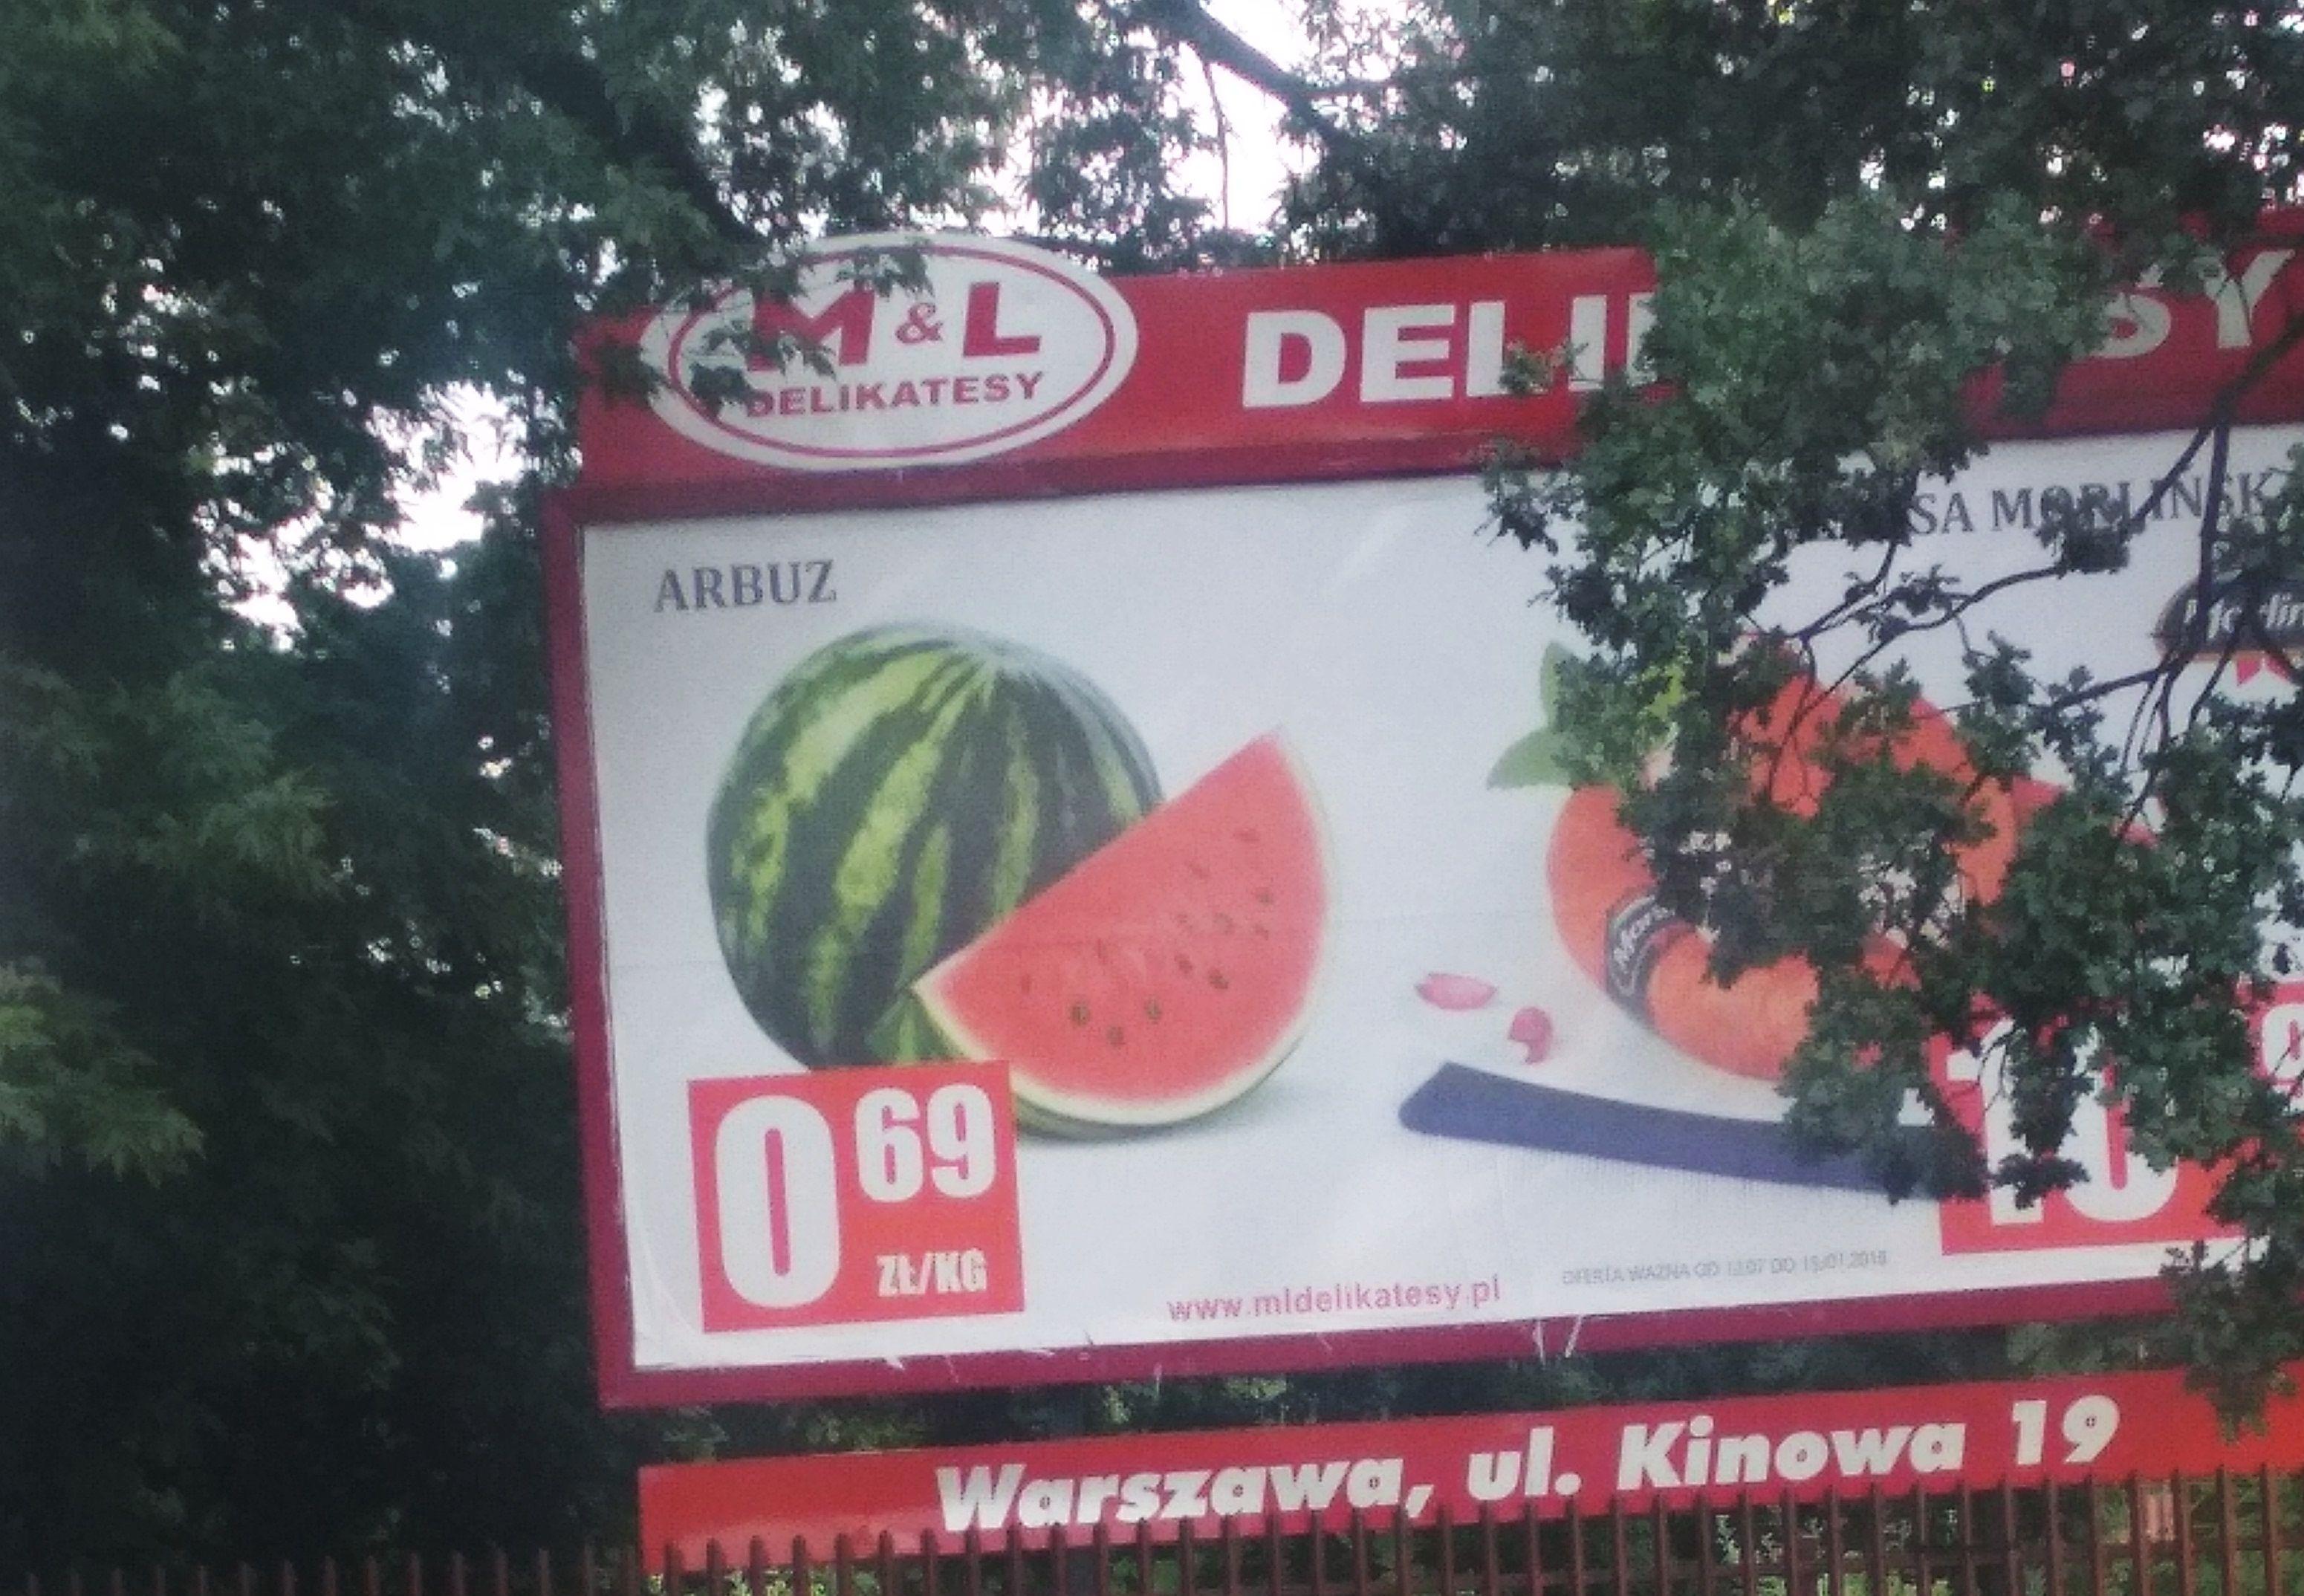 Arbuz 0,69 zł/kg + inne owoce w atrakcyjnych cenach M&L Delikatesy